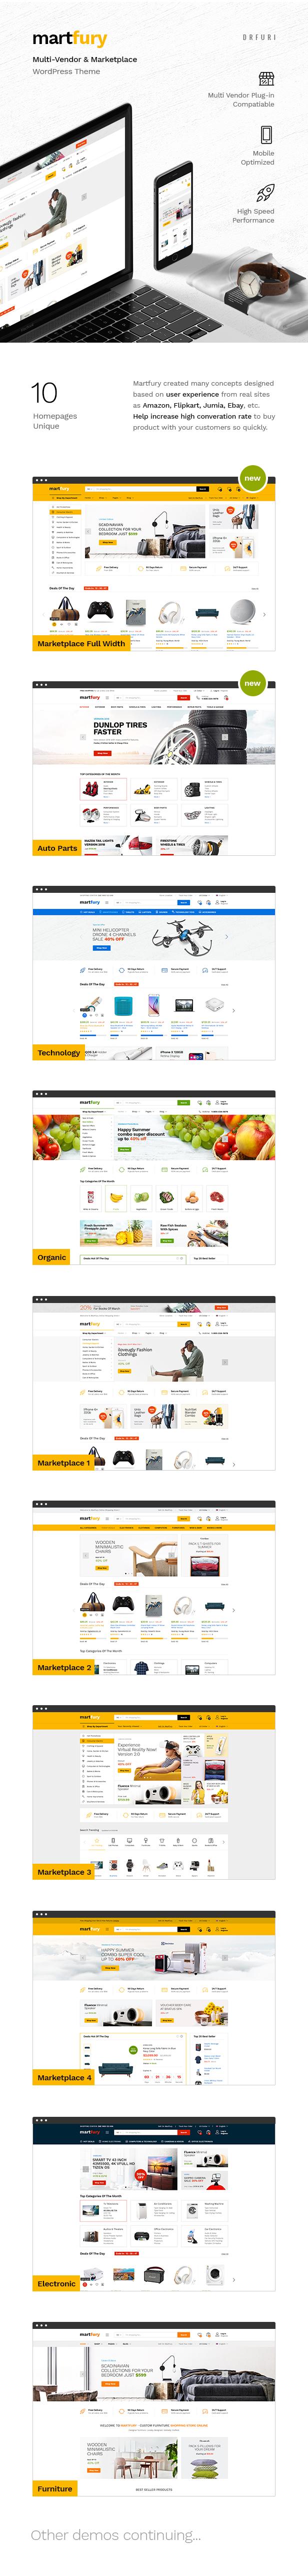 Martfury - WooCommerce Marketplace WordPress Theme - 15